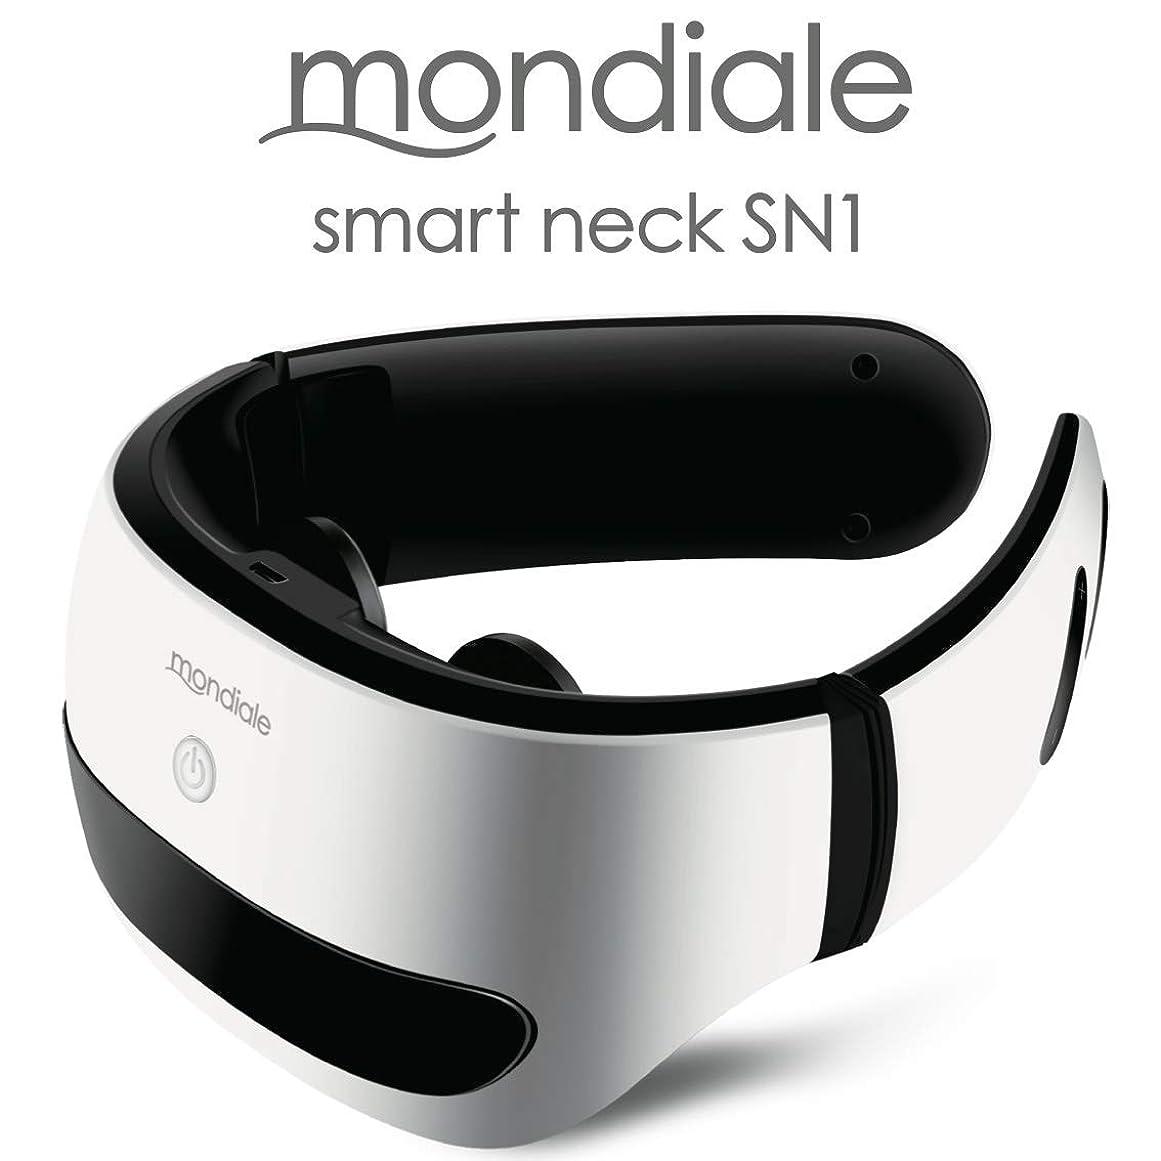 落とし穴サイレン鉄モンデール スマートネック SN1 mondiale smart neck SN1